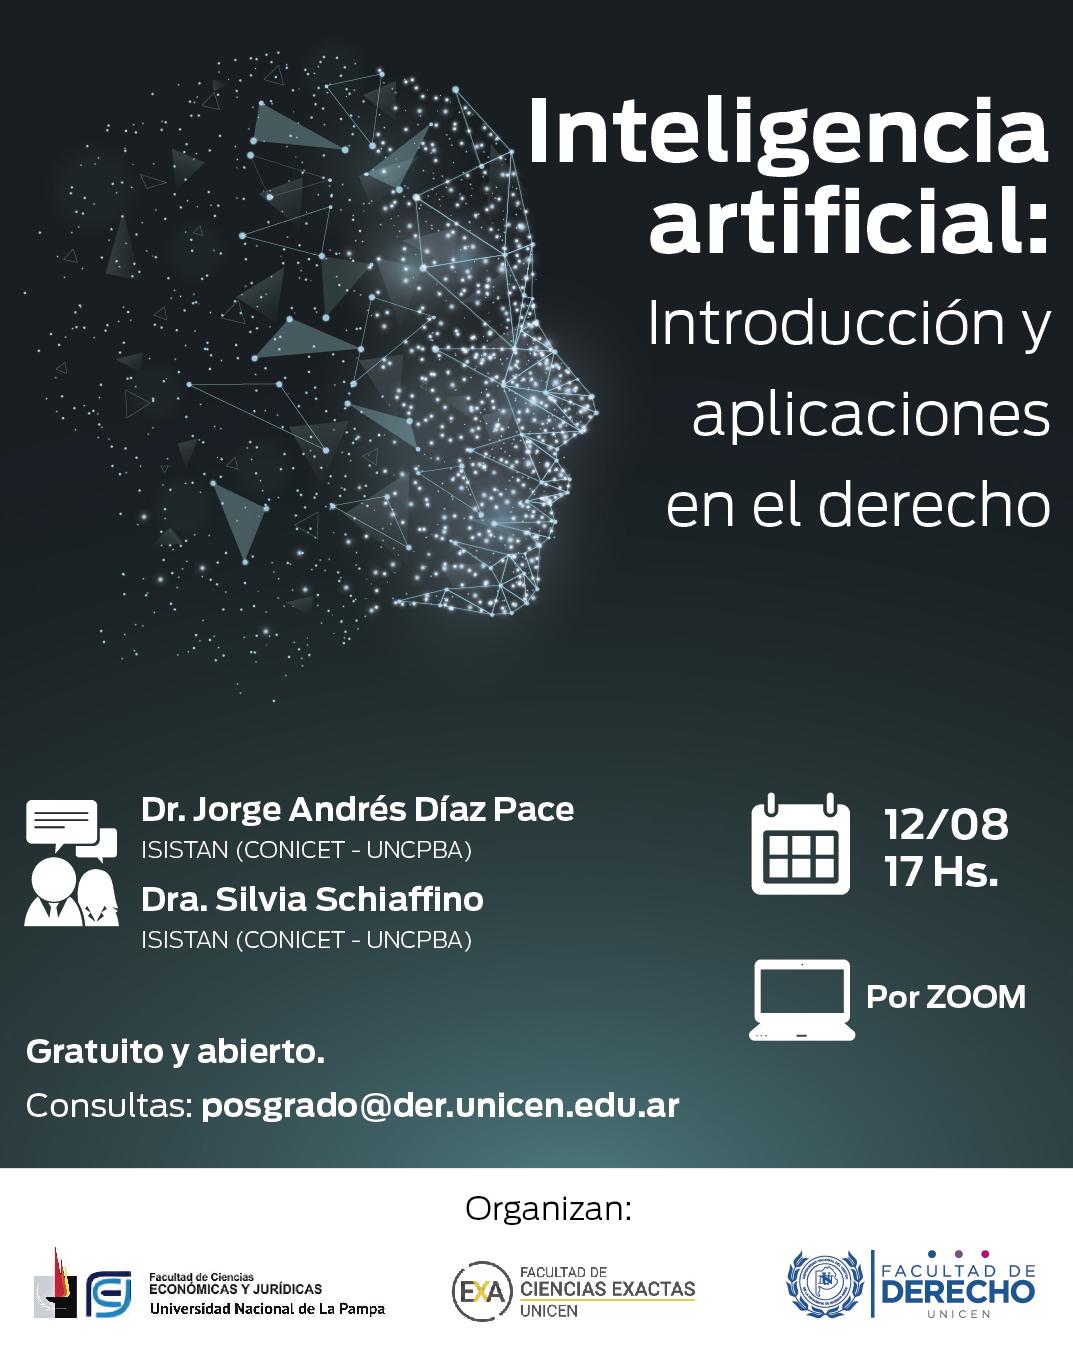 Inteligencia artificial: Introducción y aplicaciones en el derecho